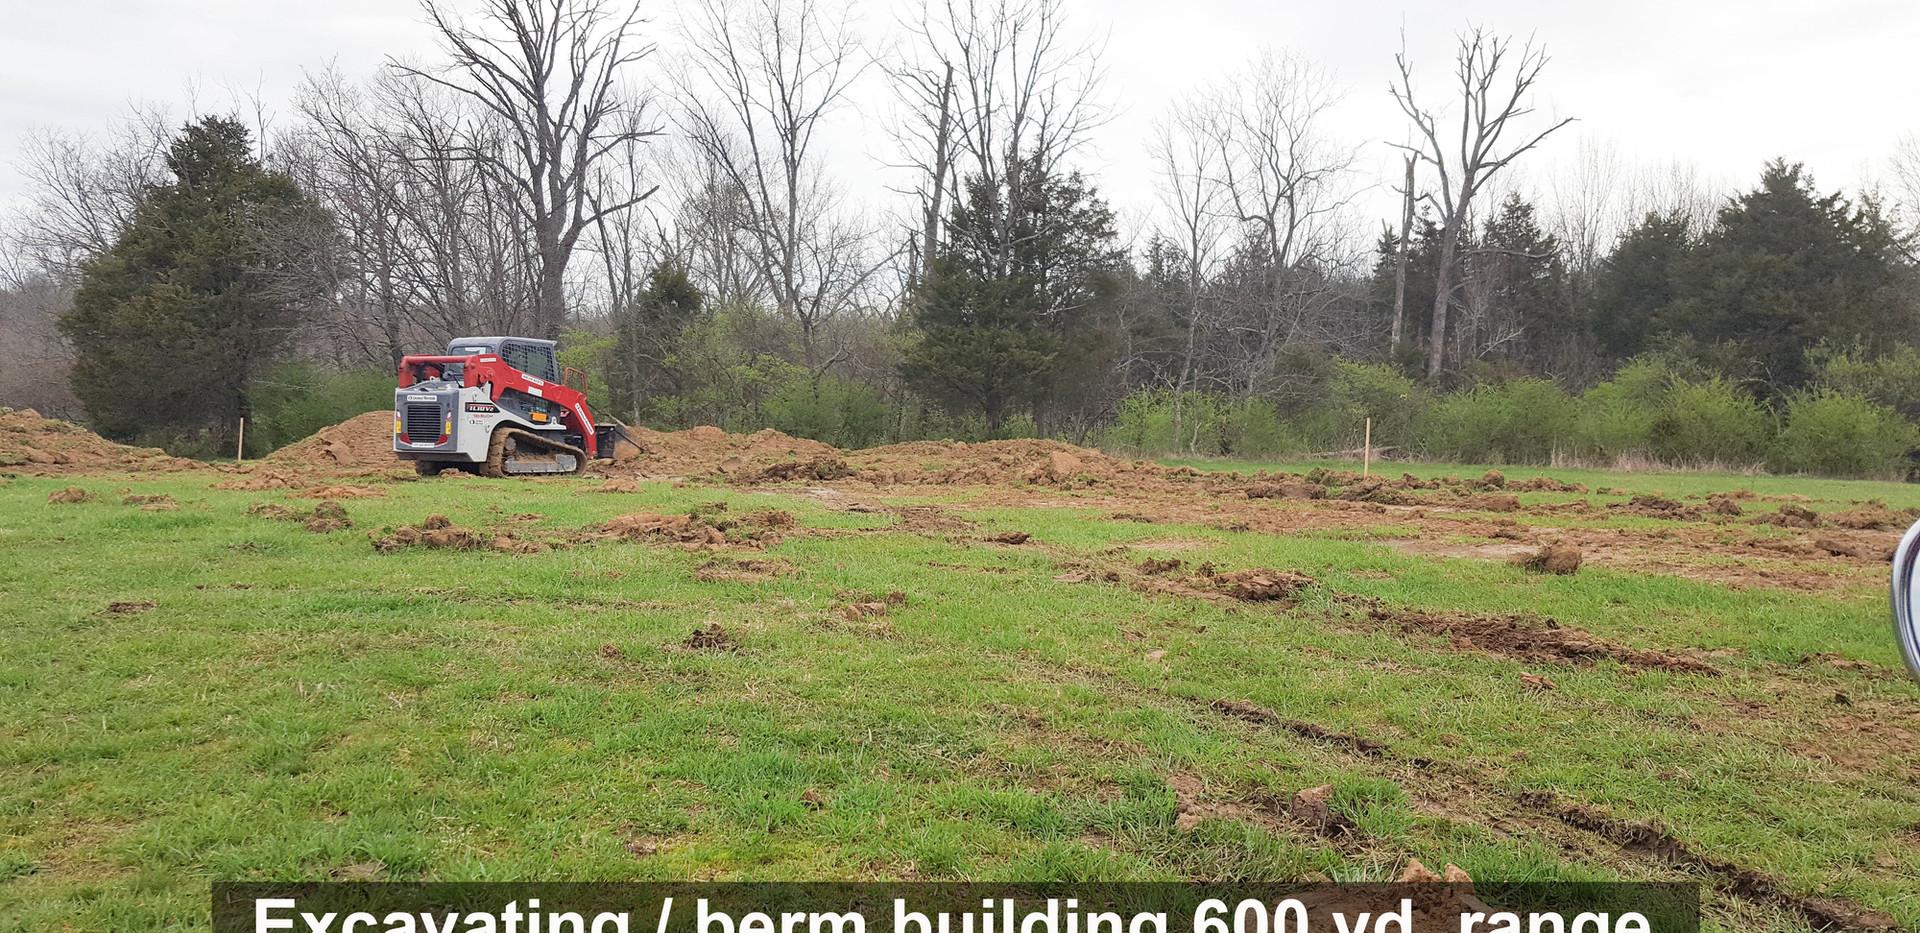 600_yard_range_work_002.jpg